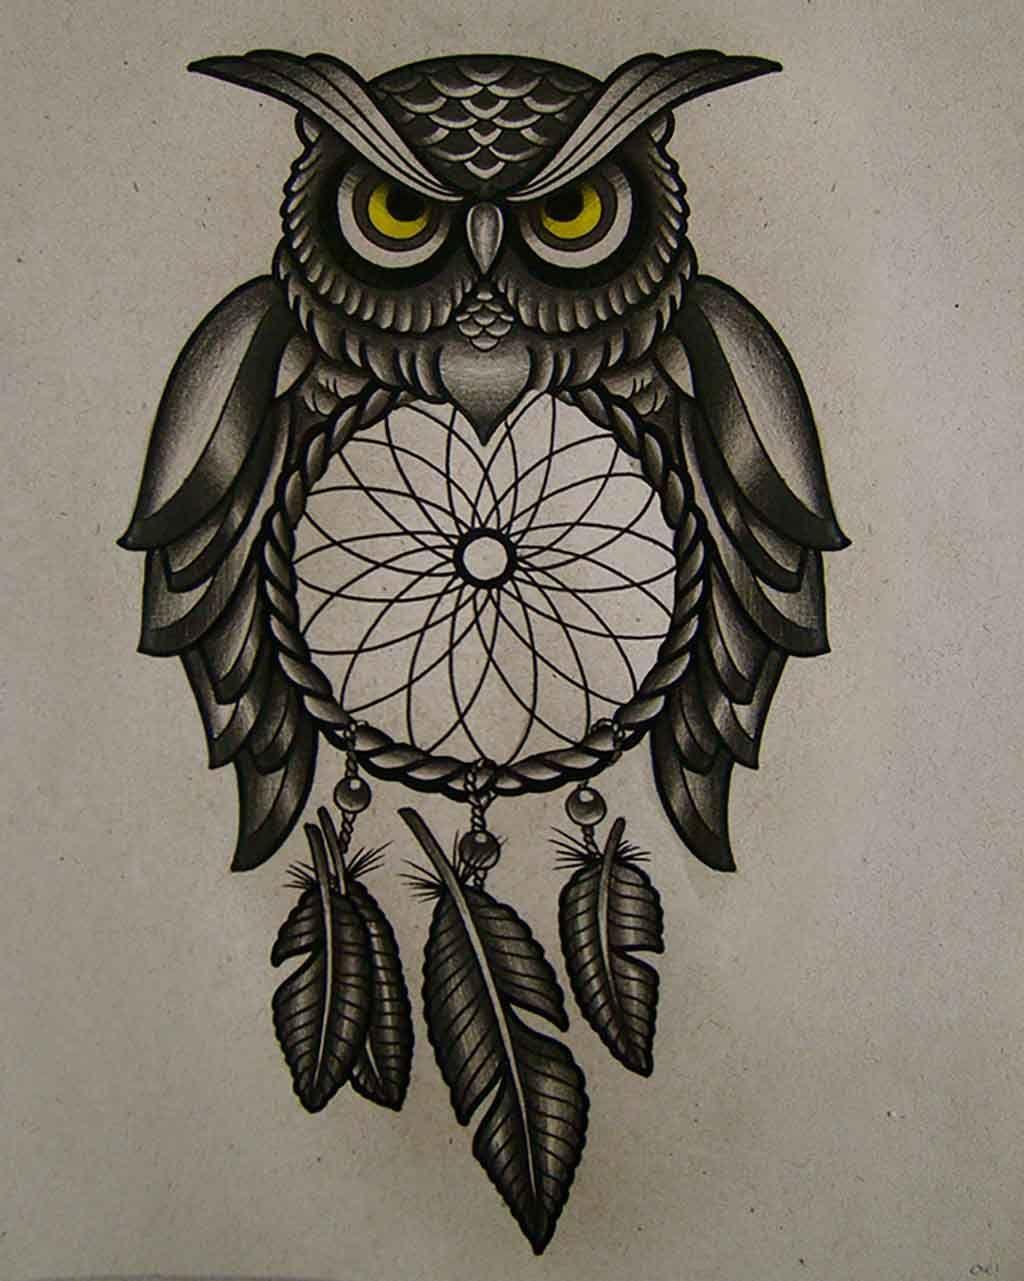 30 Modelos Tatuajes De Búhos Y Su Significado Imágenes Tatuaje